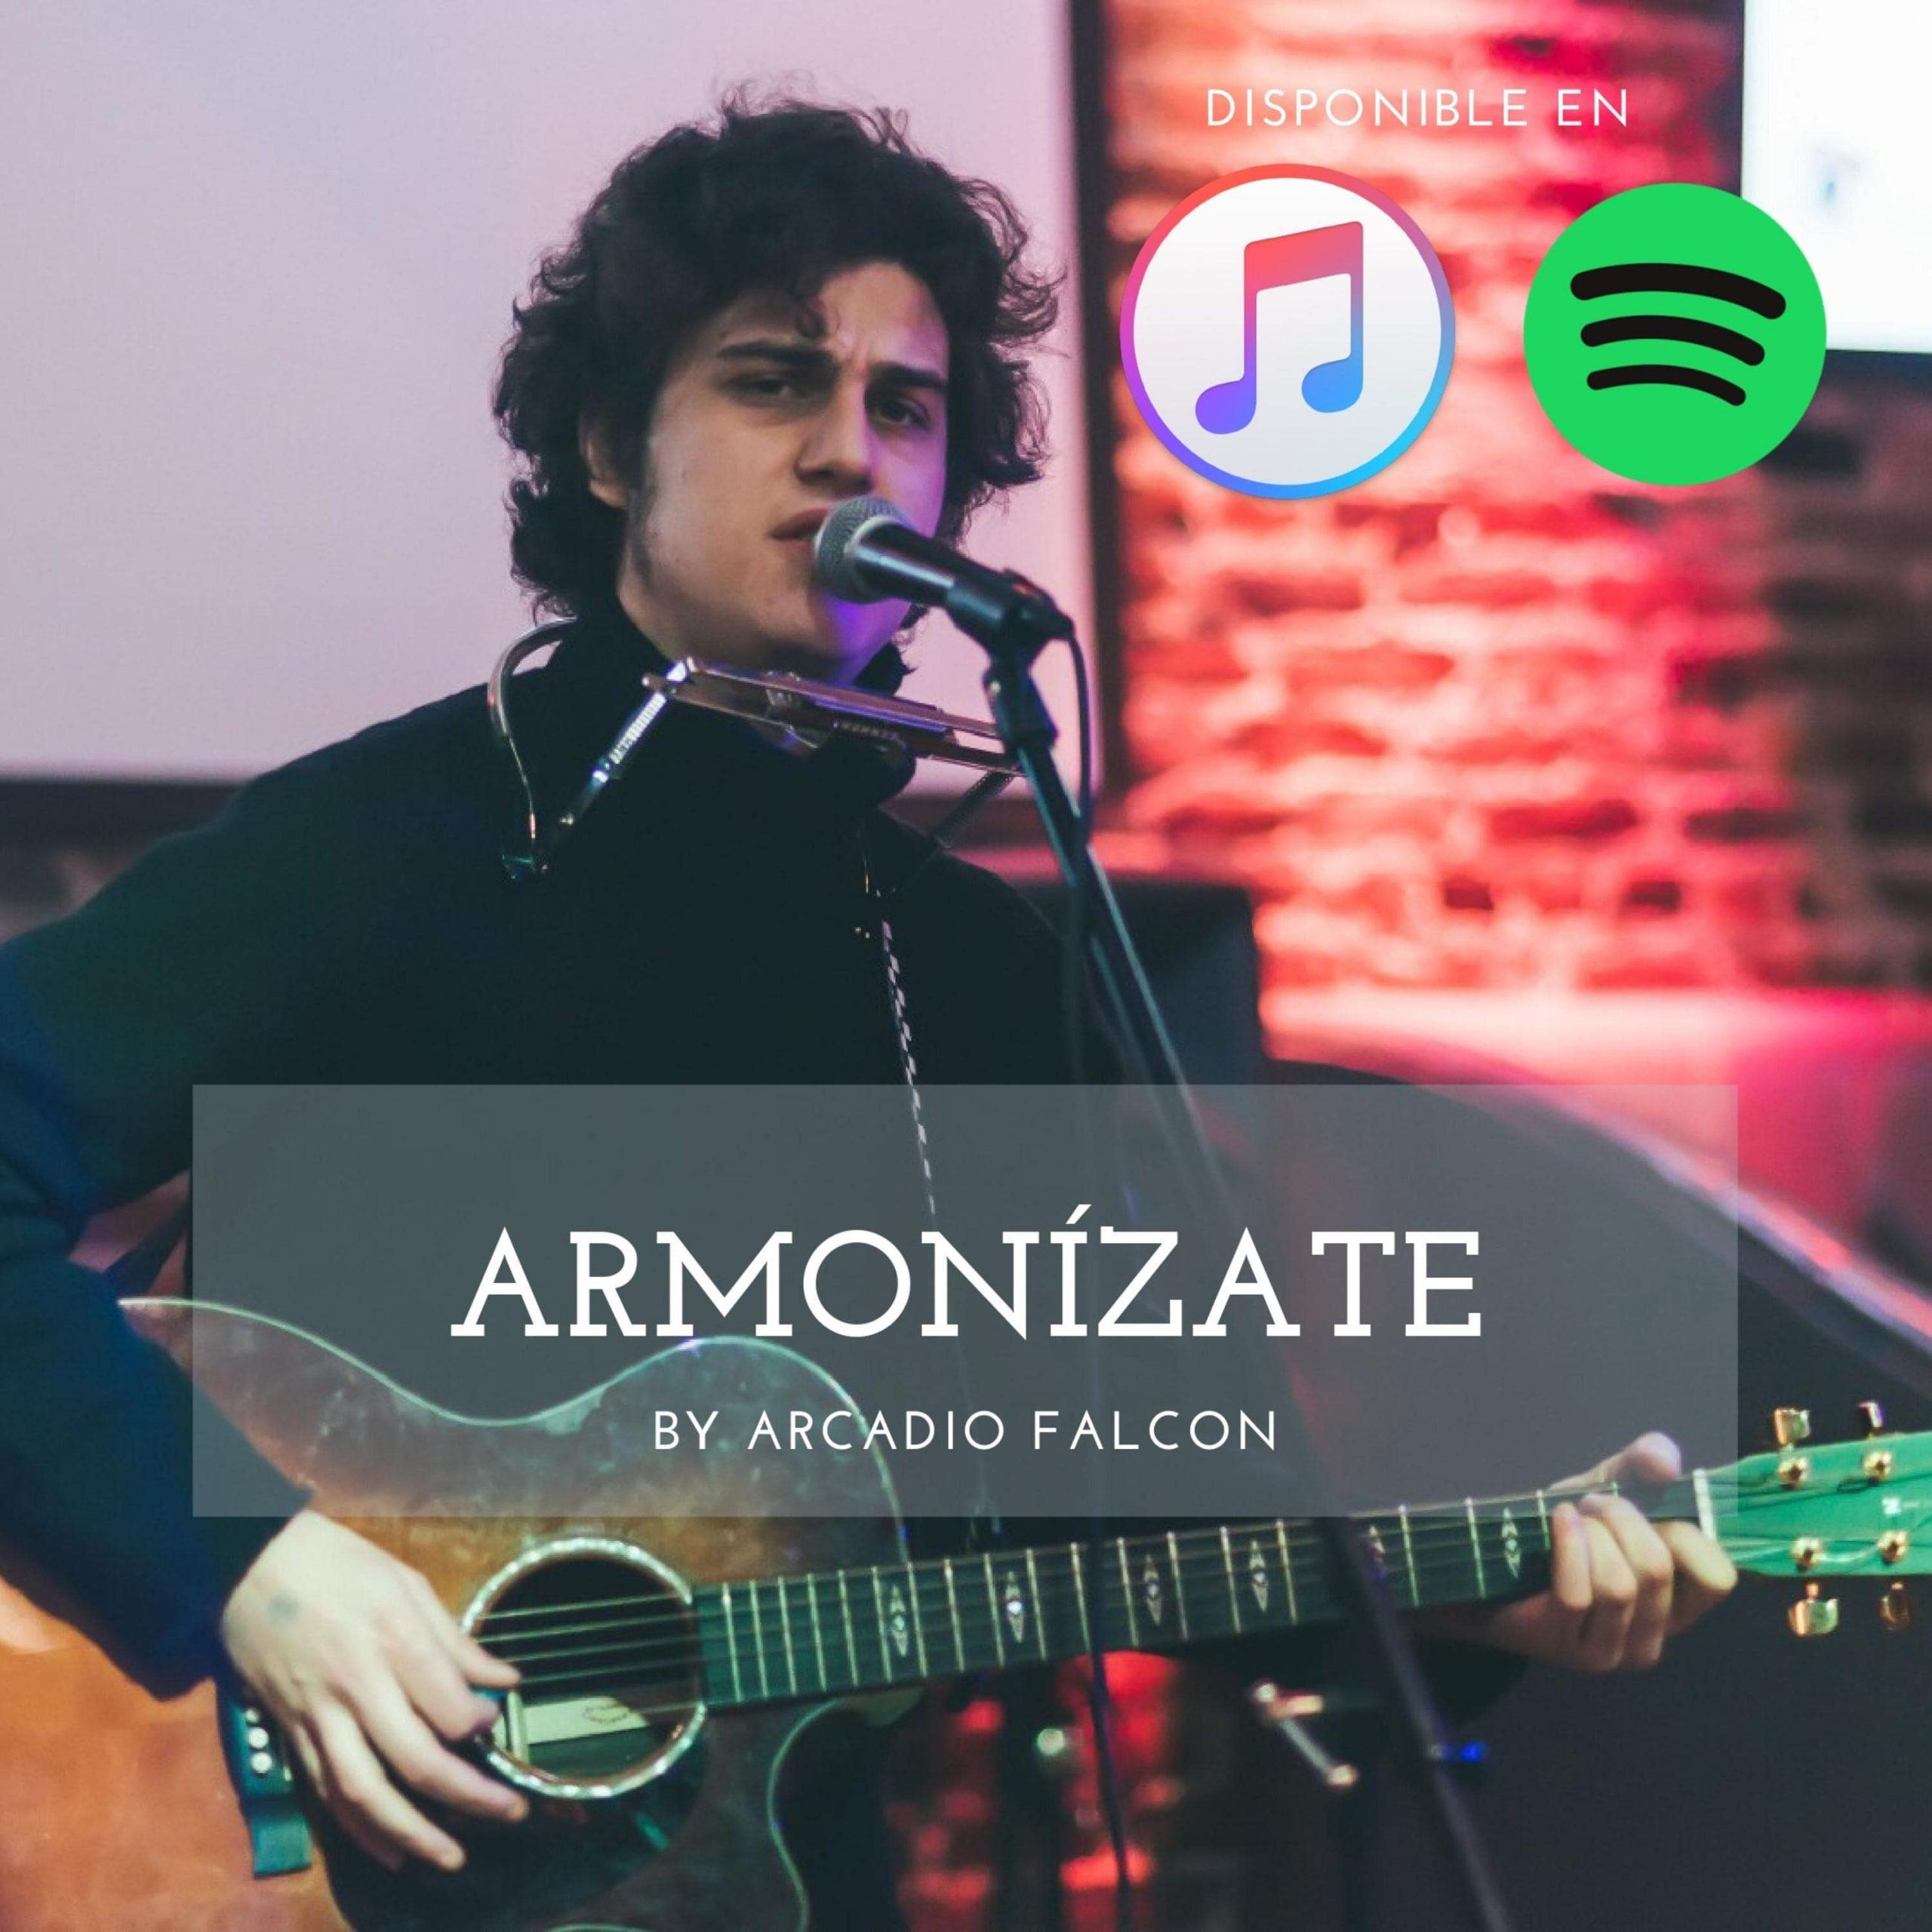 Armonizate Portada-min (1)